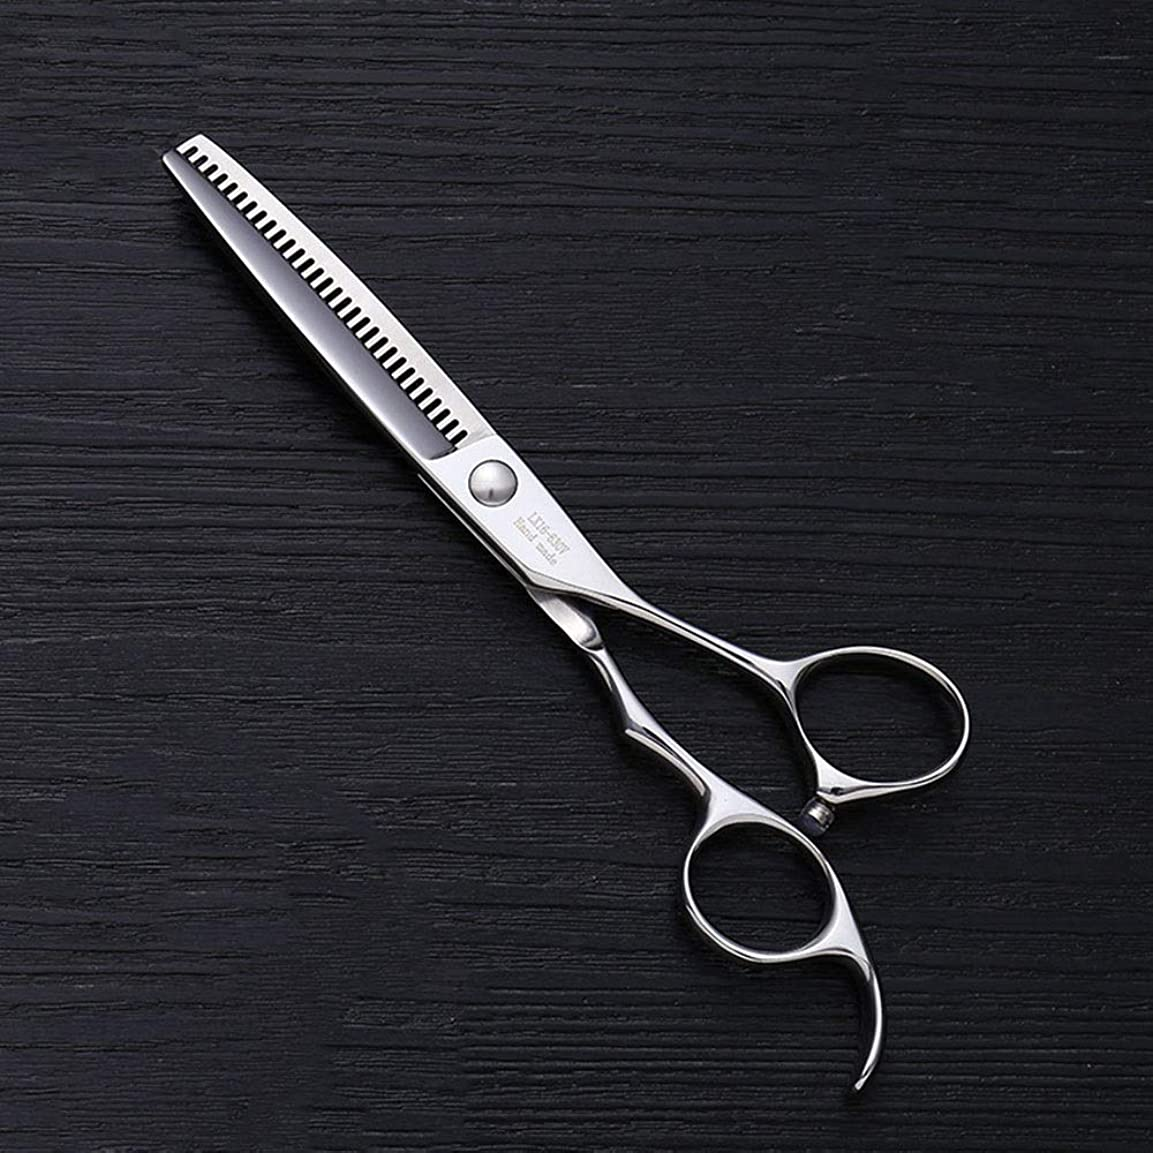 唯物論悪のあいにくトリミングシザー 6インチ美容院ステンレス鋼プロフェッショナルバリカン、30歯魚骨カット薄い剪断ヘアカット鋏ステンレス理髪はさみ (色 : Silver)